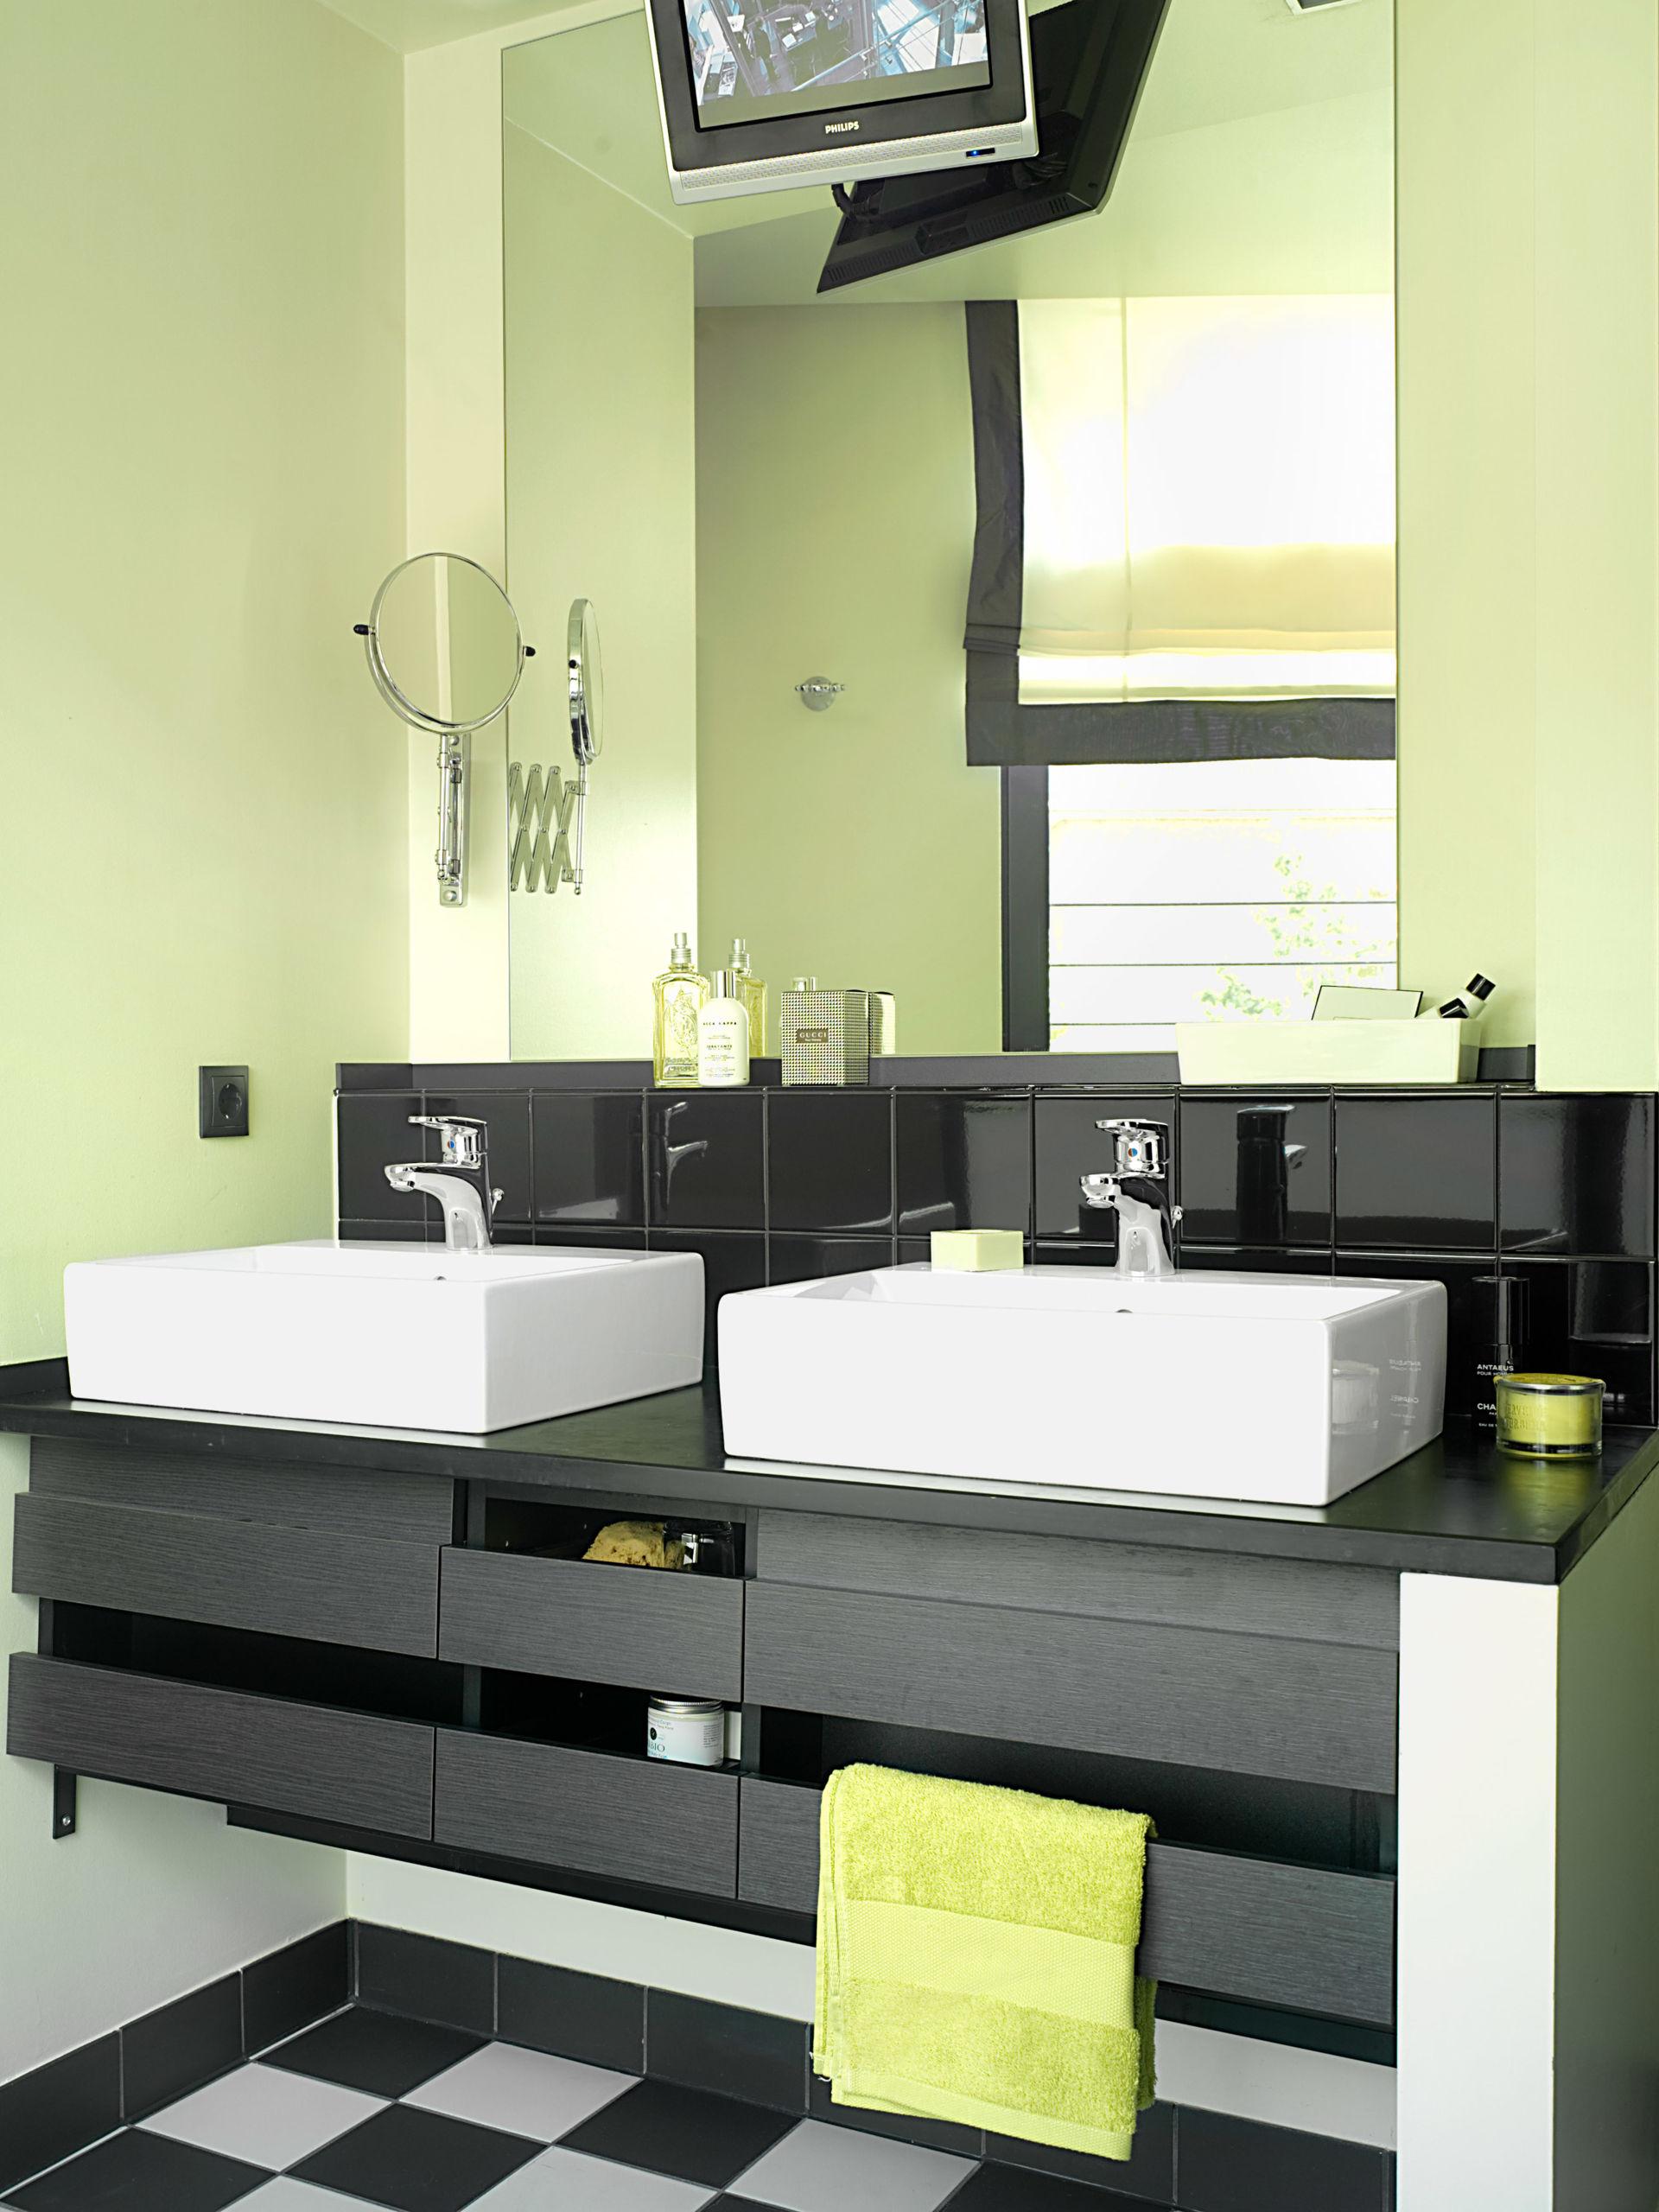 b der im hotel the george zuhause wohnen. Black Bedroom Furniture Sets. Home Design Ideas